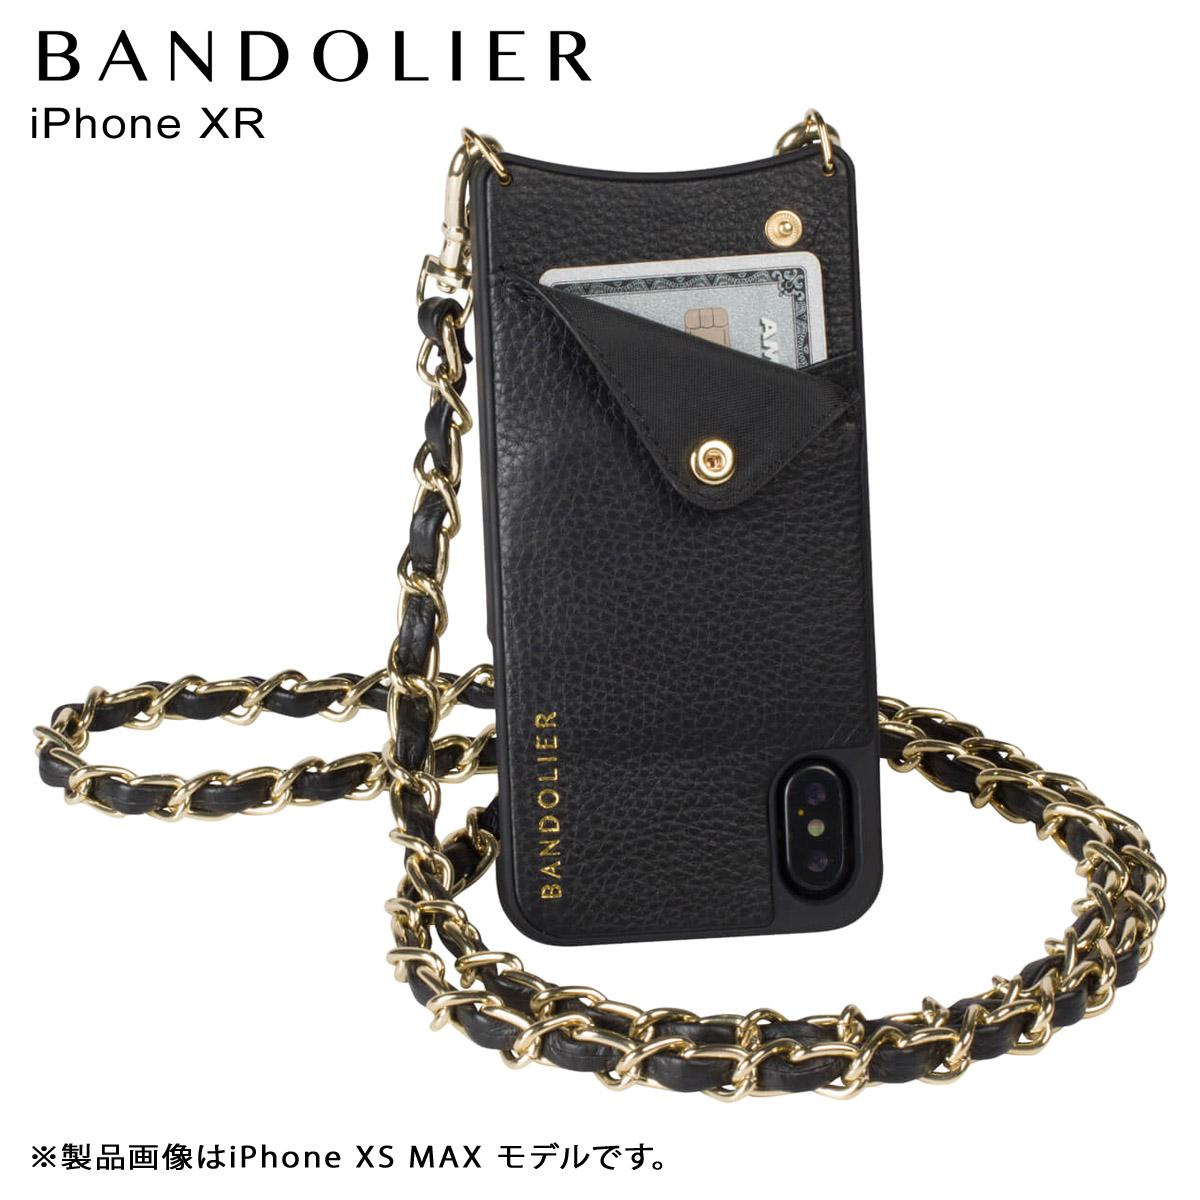 BANDOLIER バンドリヤー iPhone XR ケース ショルダー スマホ アイフォン レザー LUCY GOLD メンズ レディース ブラック 10LCY1001